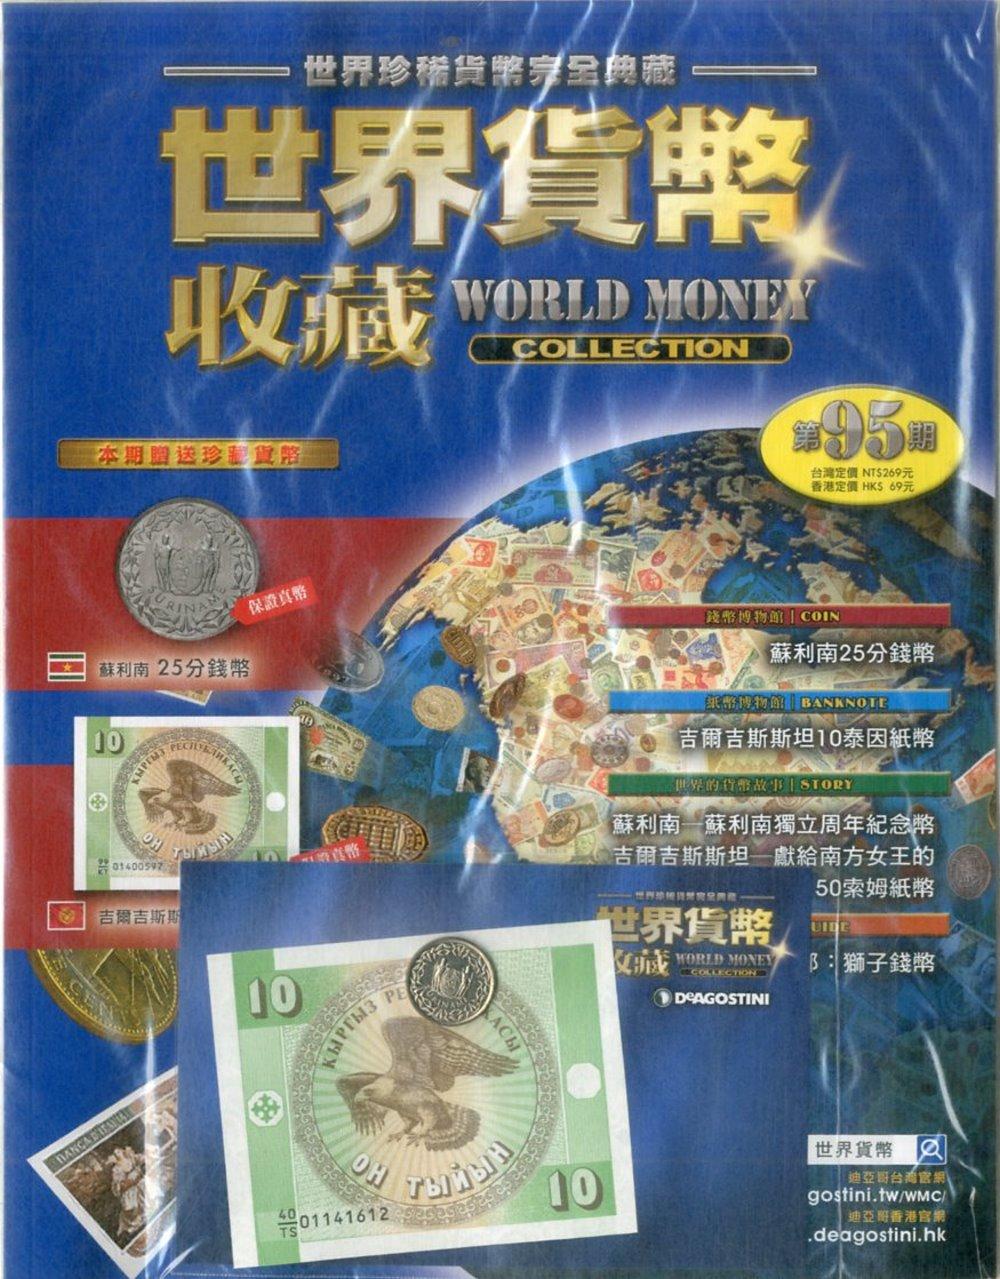 世界貨幣收藏 2018/10/9 第95期